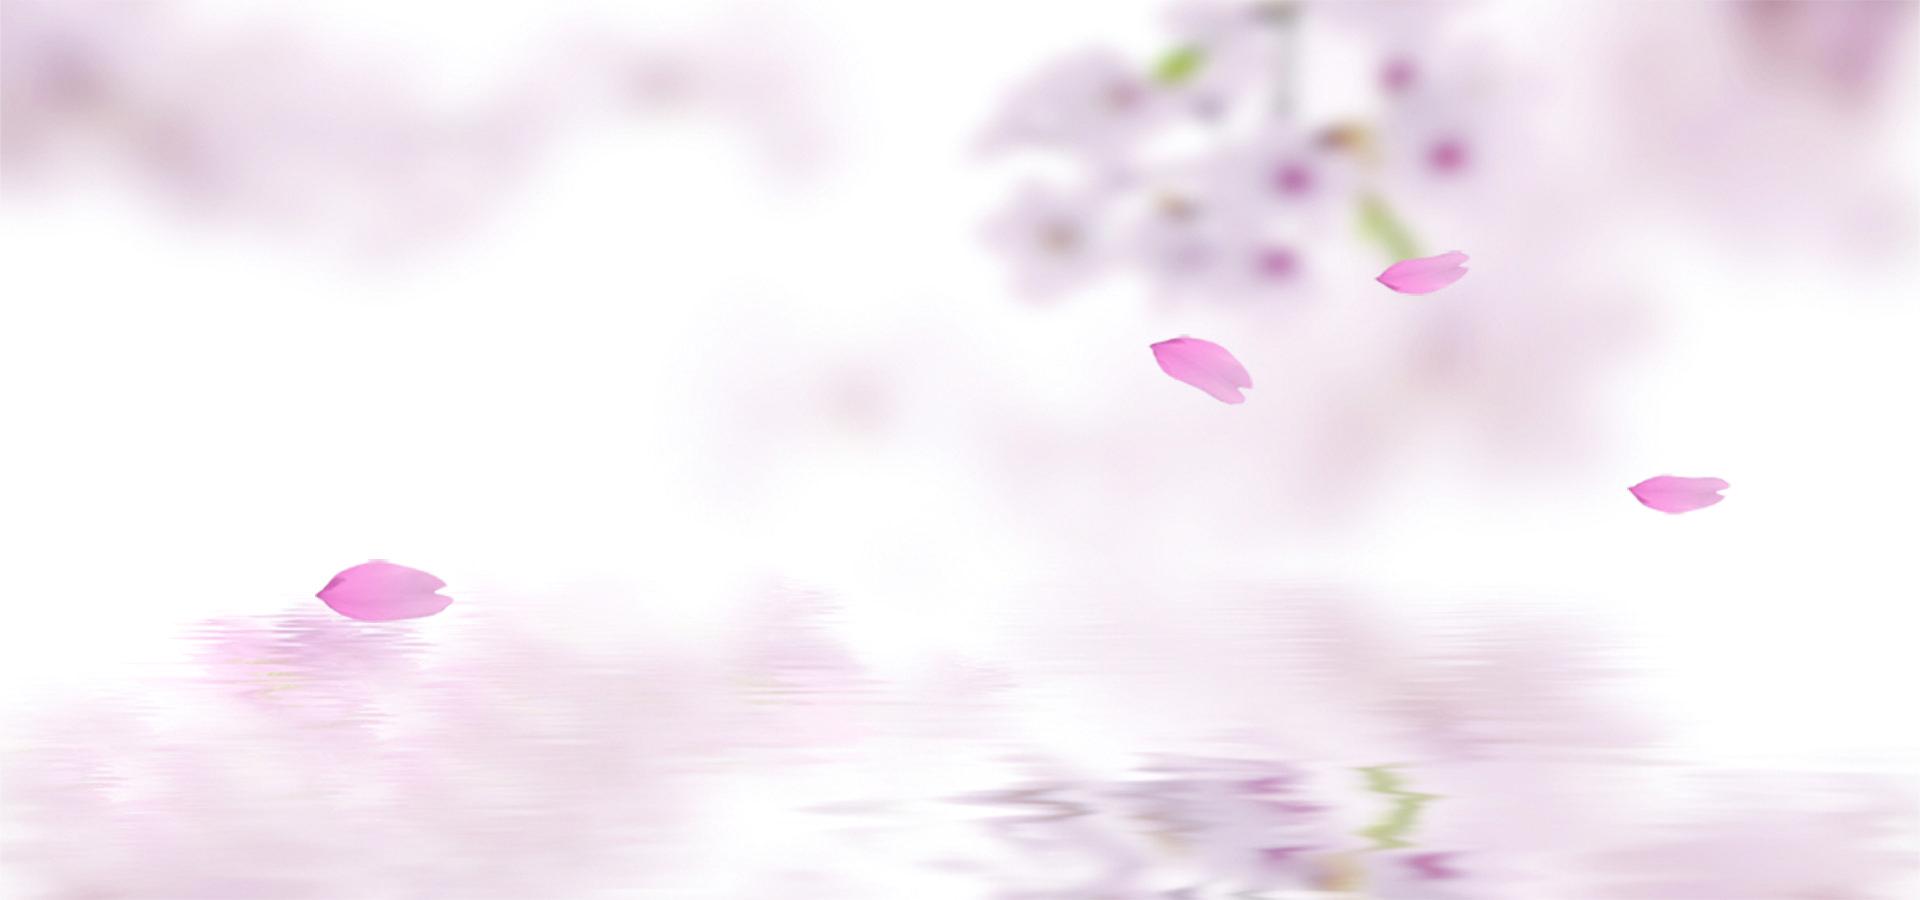 وردي زهرة ربيع نبات الخلفية Pink Posters Plant Background Floral Background